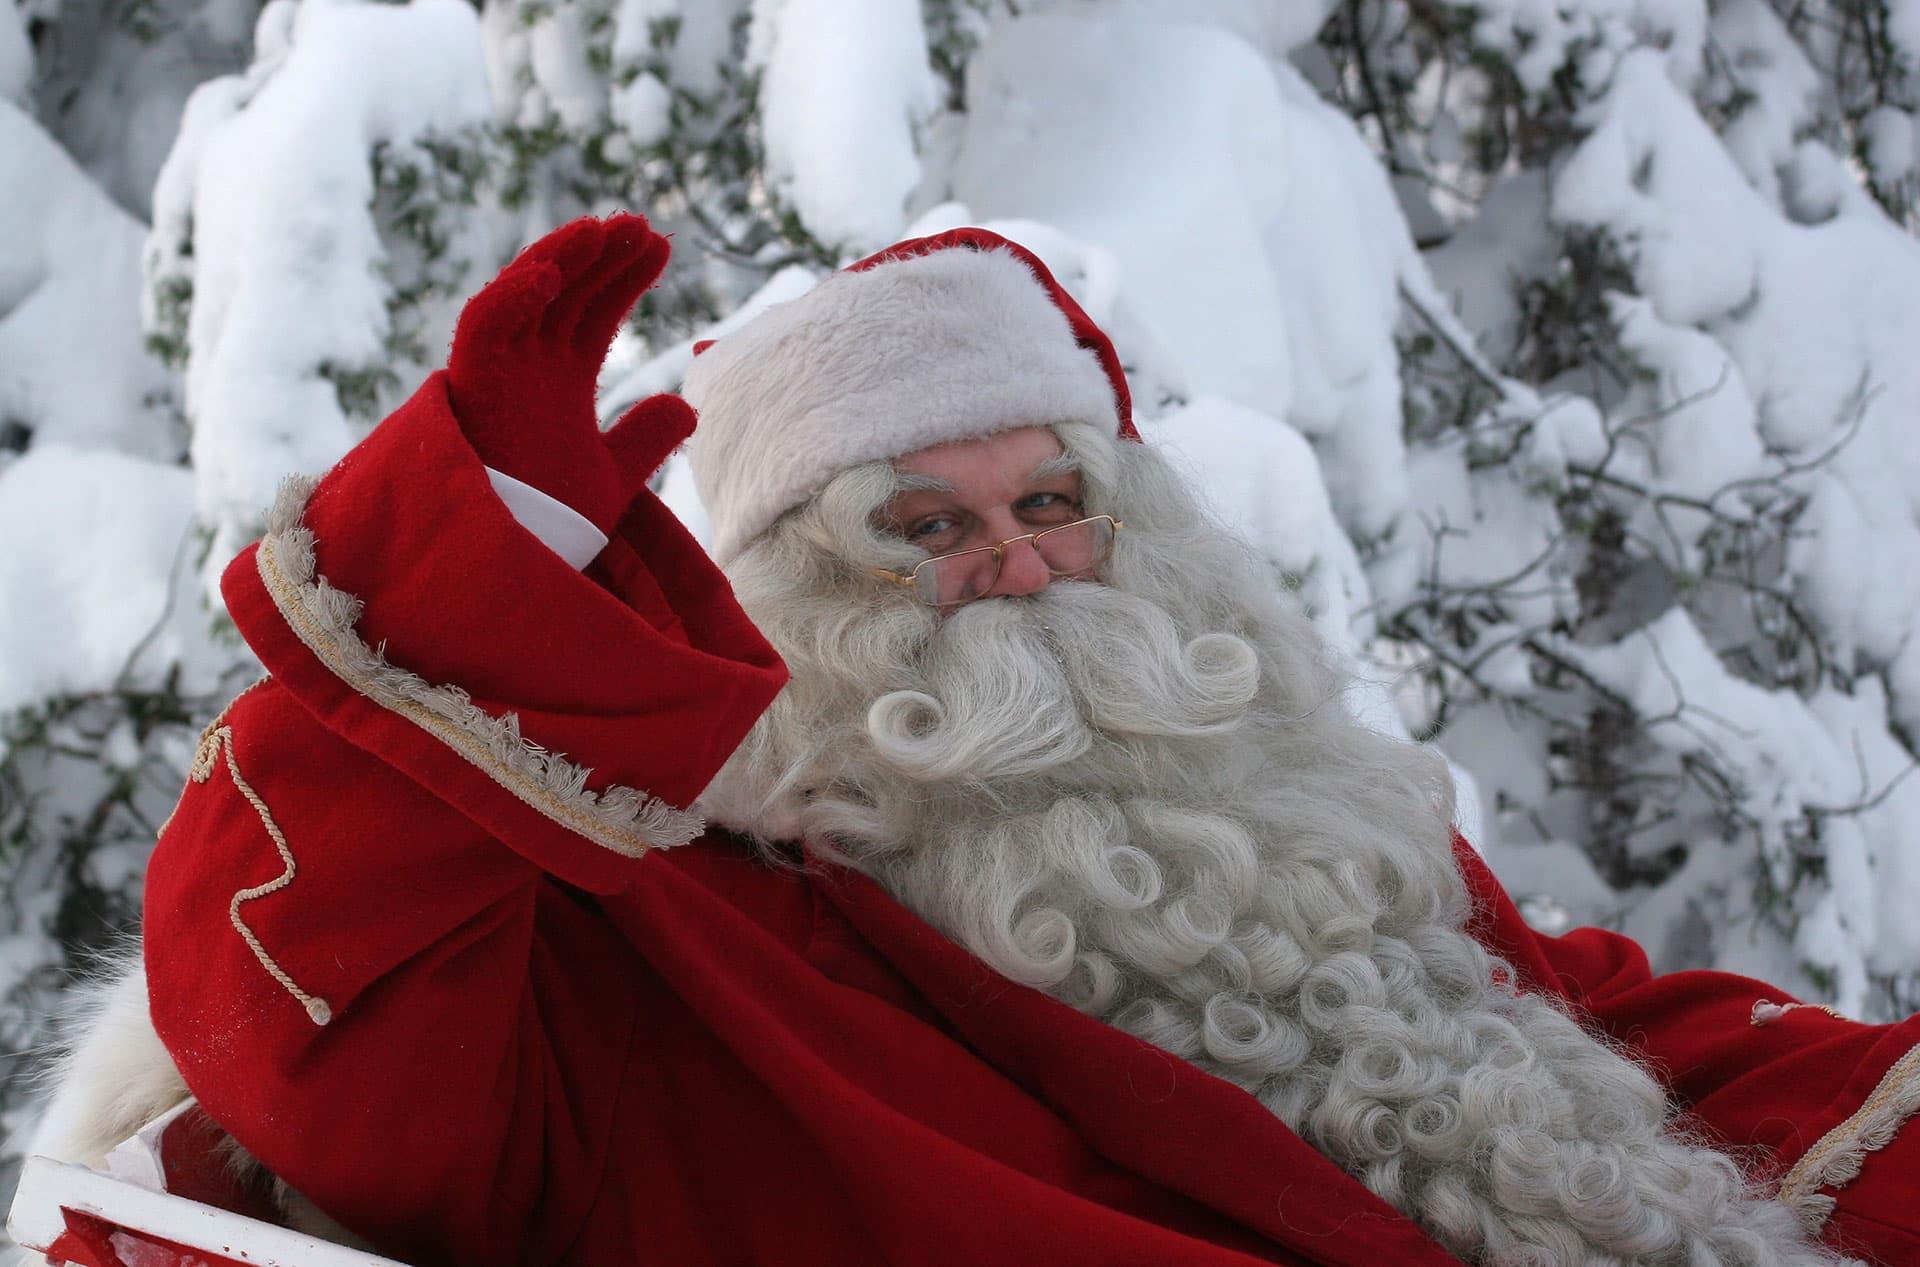 Santa Claus at the Farmers' Market